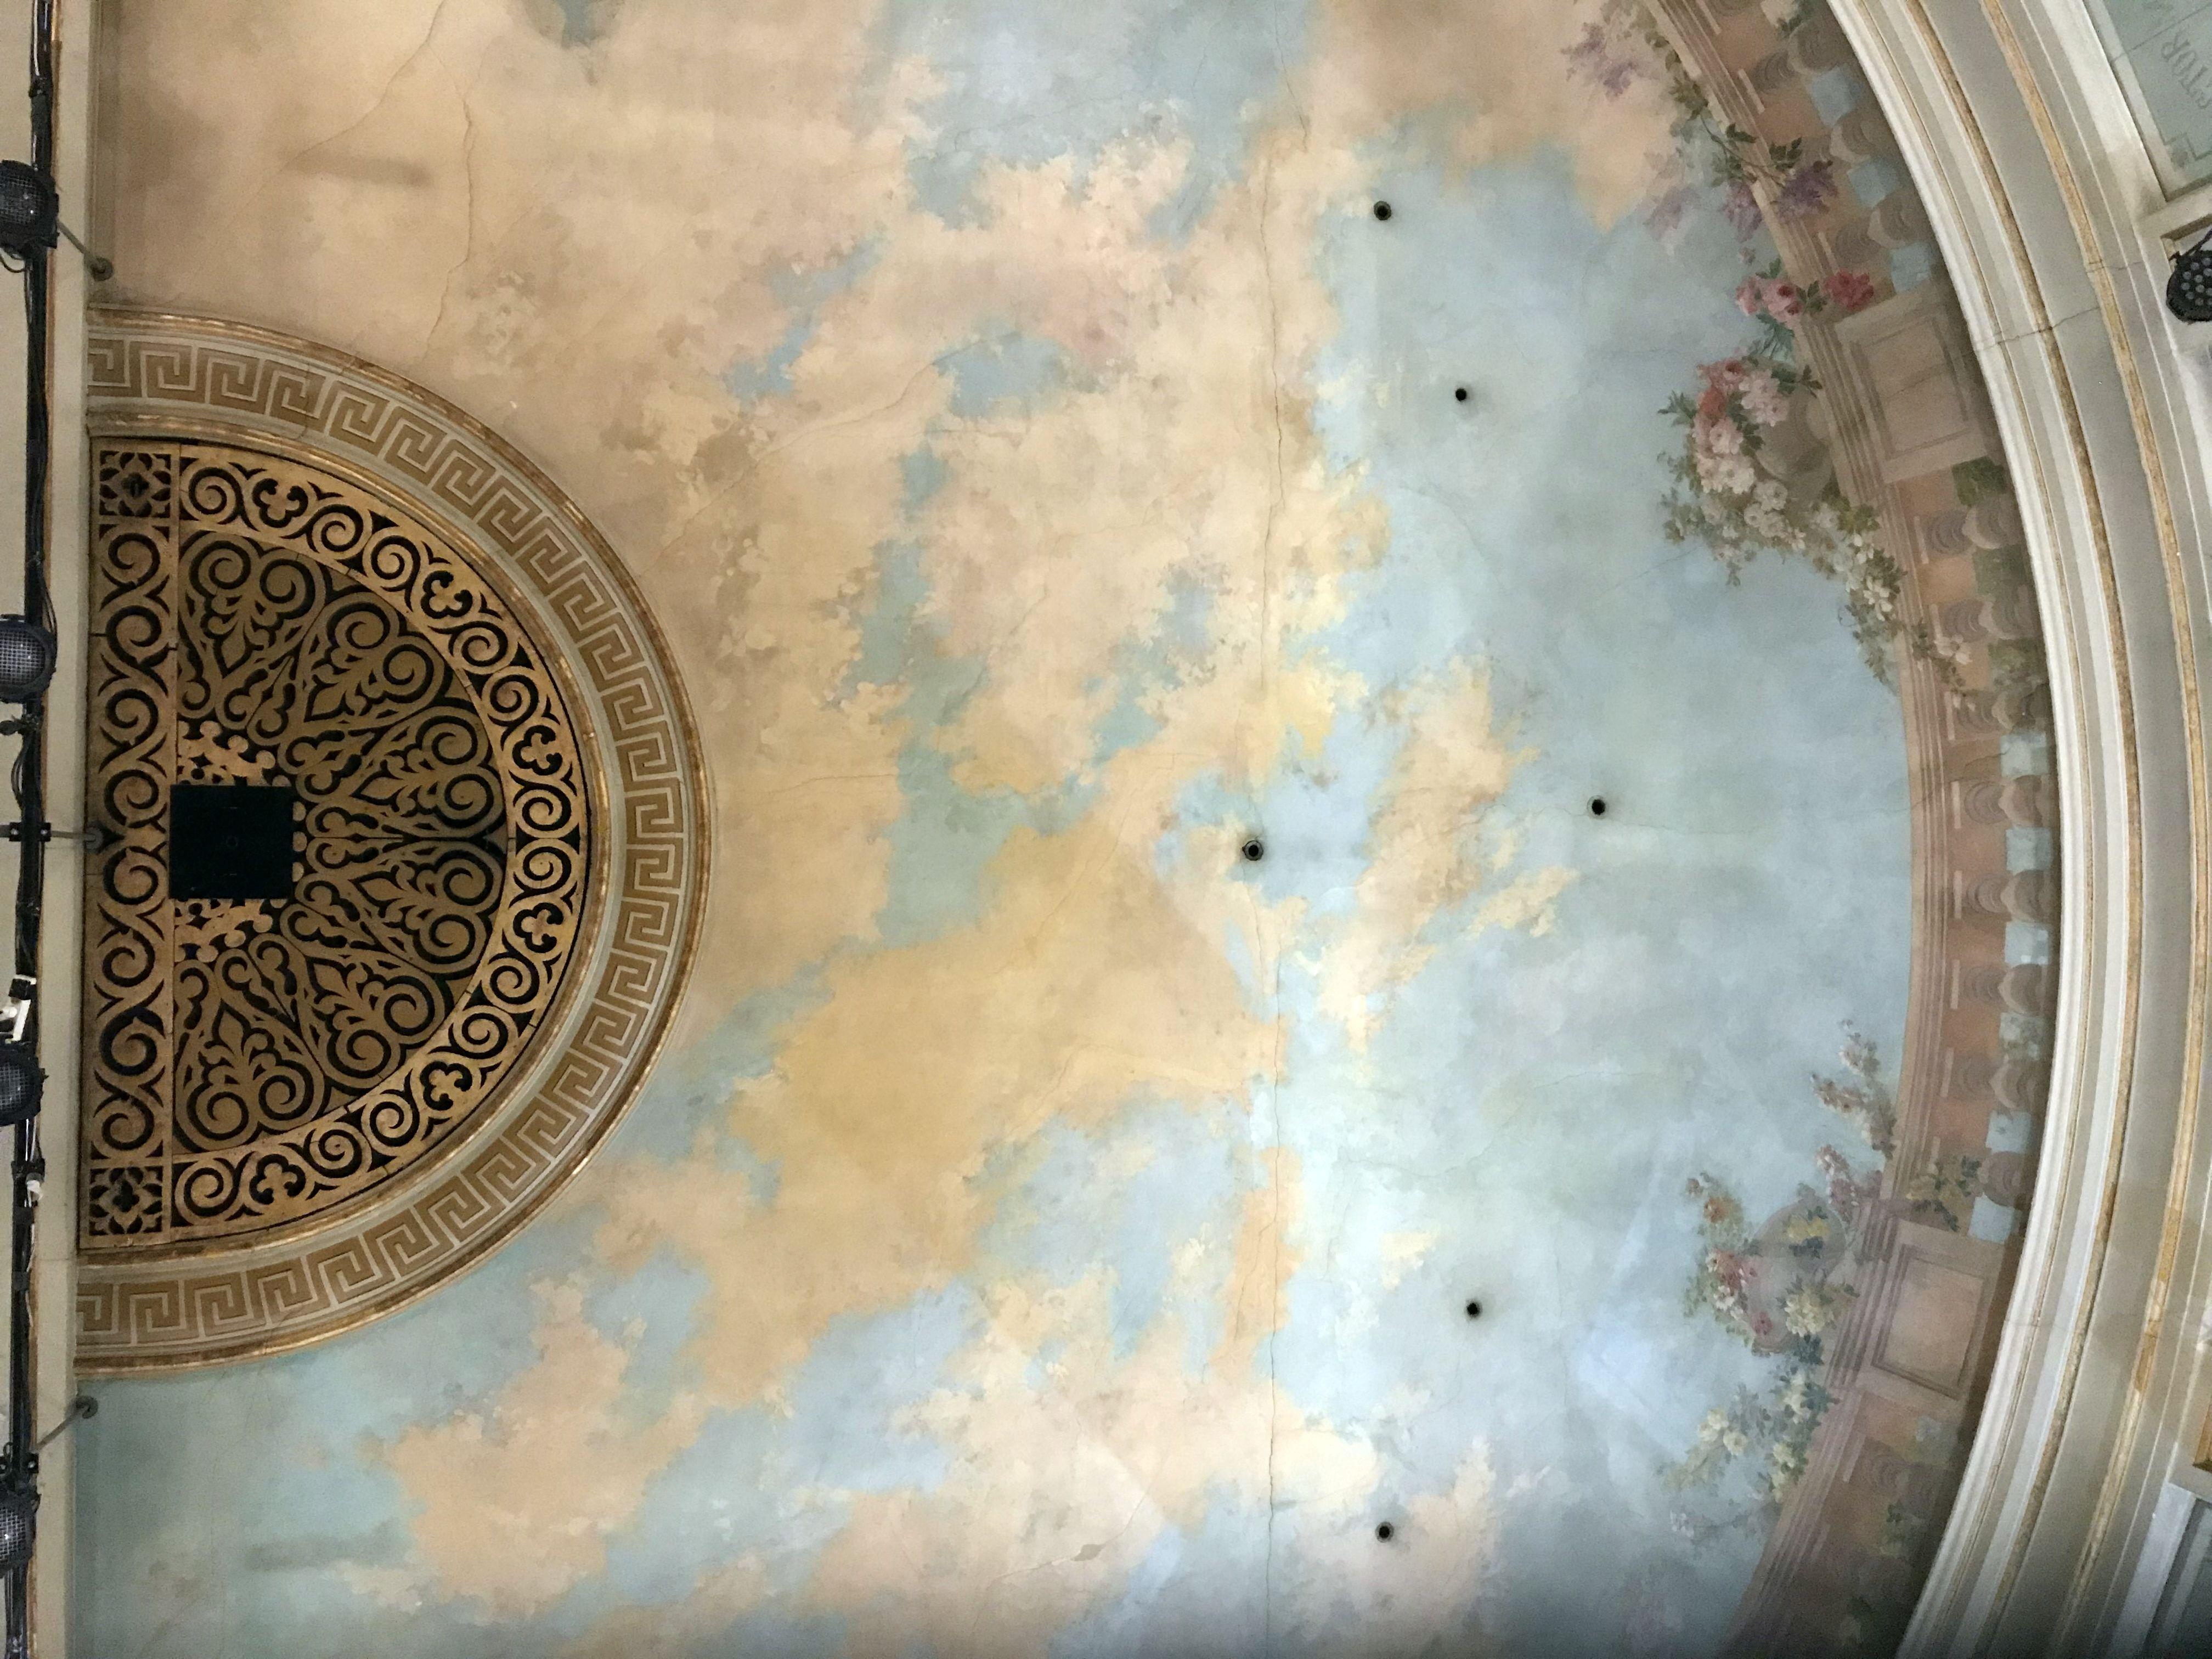 Détail du décor peint du plafond